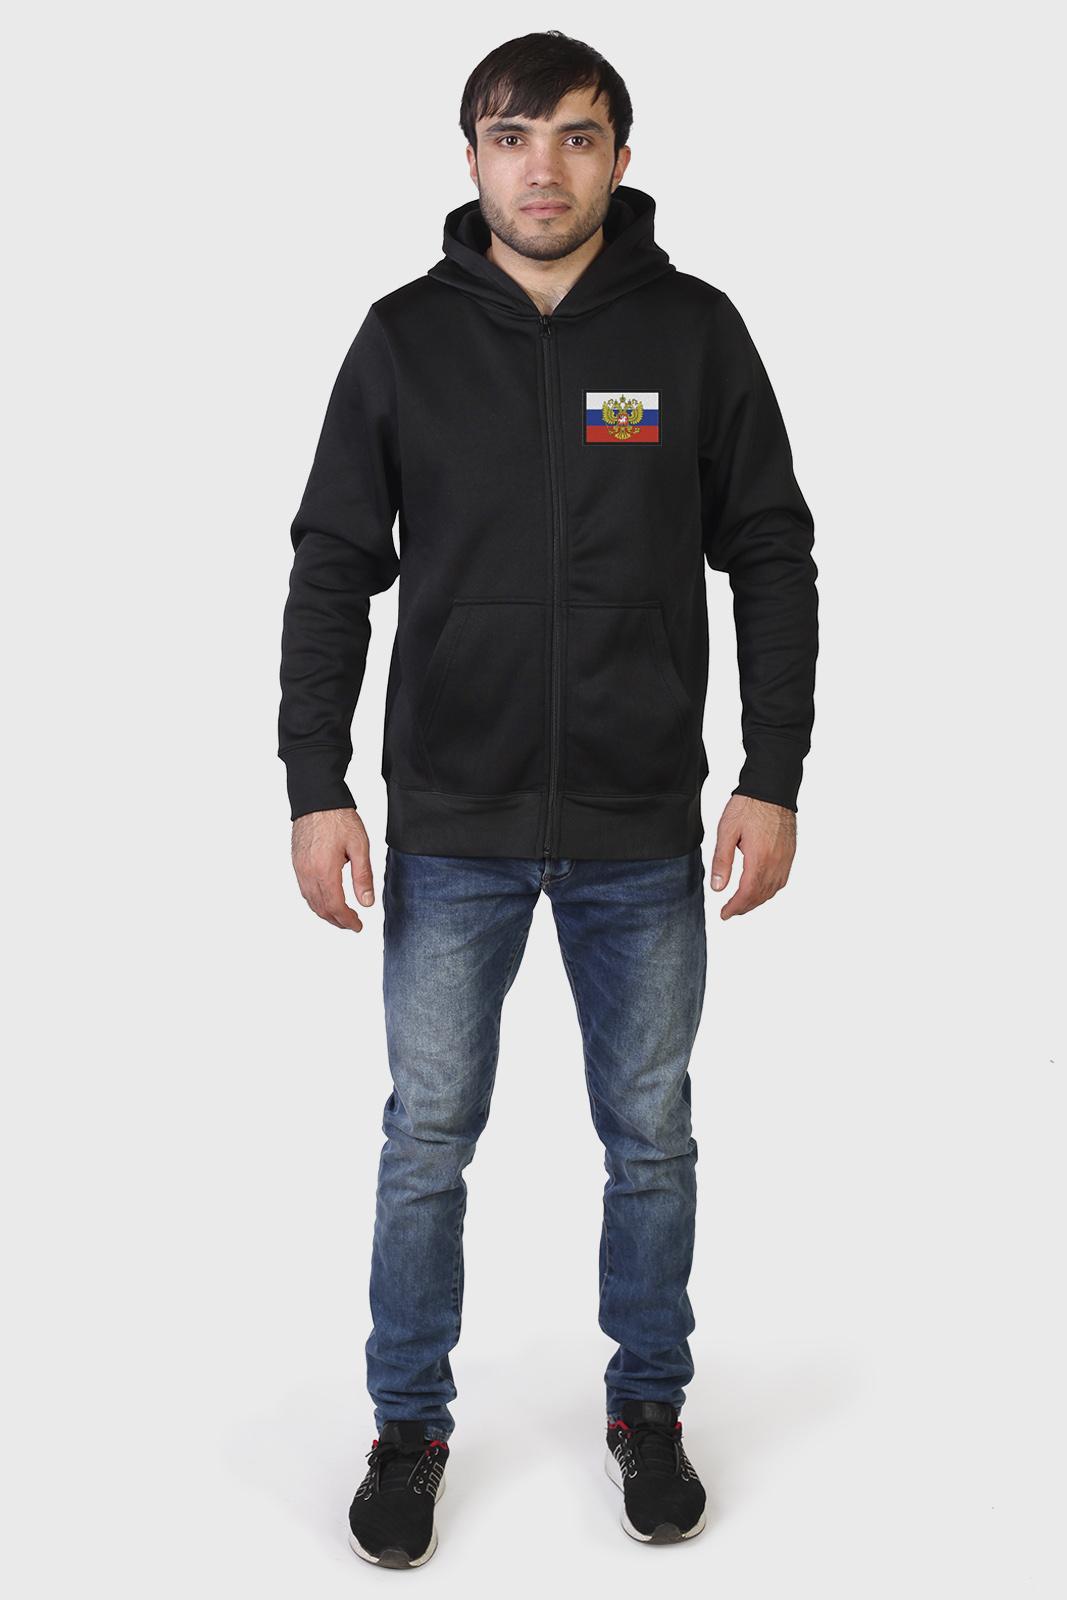 Классическая мужская толстовка с флагом РФ купить в подарок